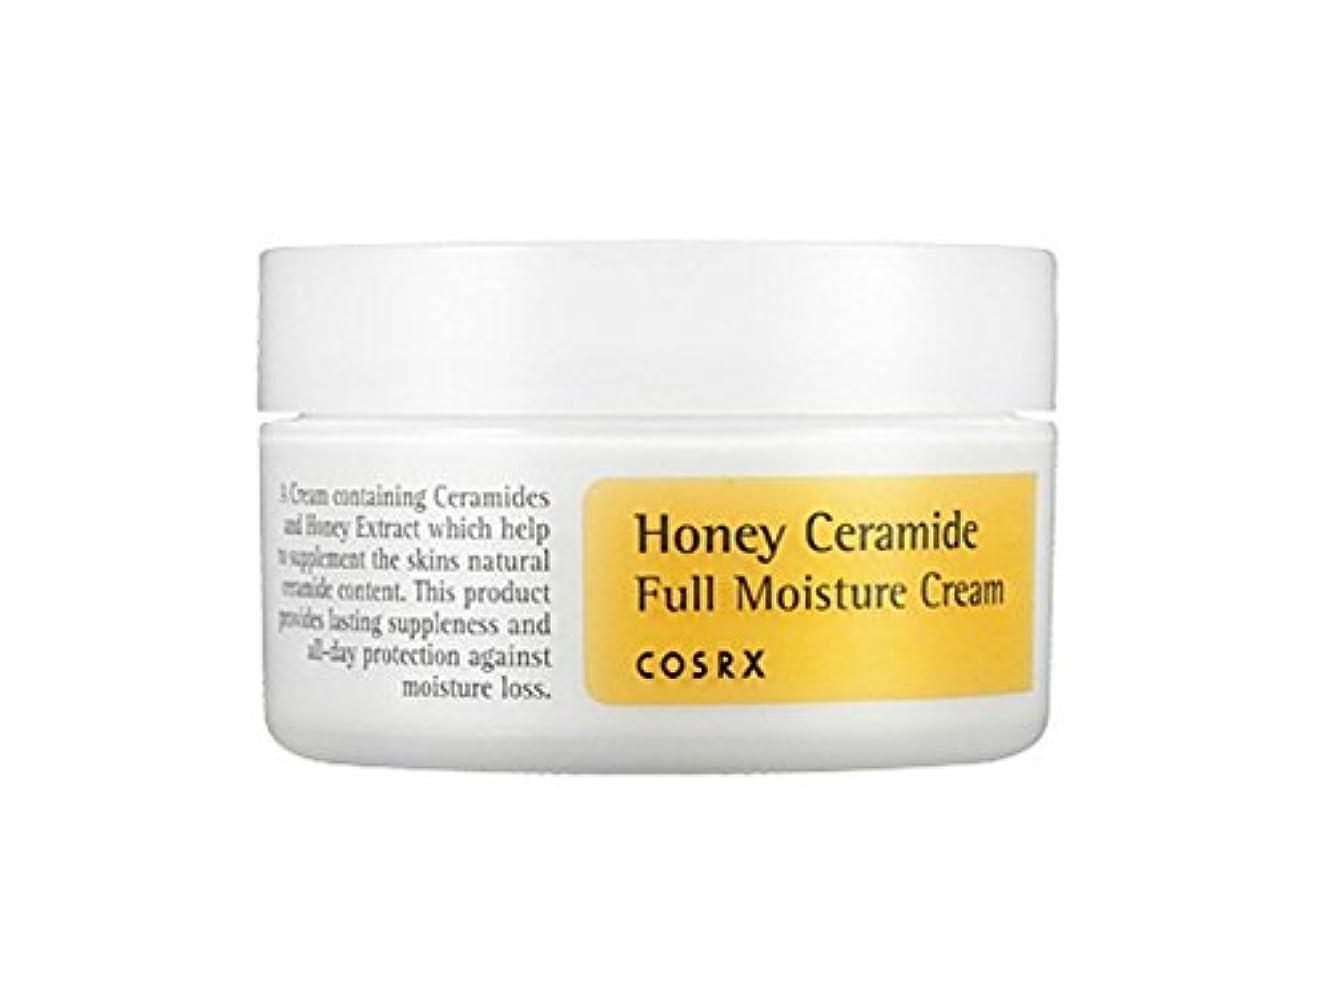 原因説得添付COSRX Honey Ceramide Full Moisture Cream 50ml/COSRX ハニー セラミド フル モイスチャー クリーム 50ml [並行輸入品]